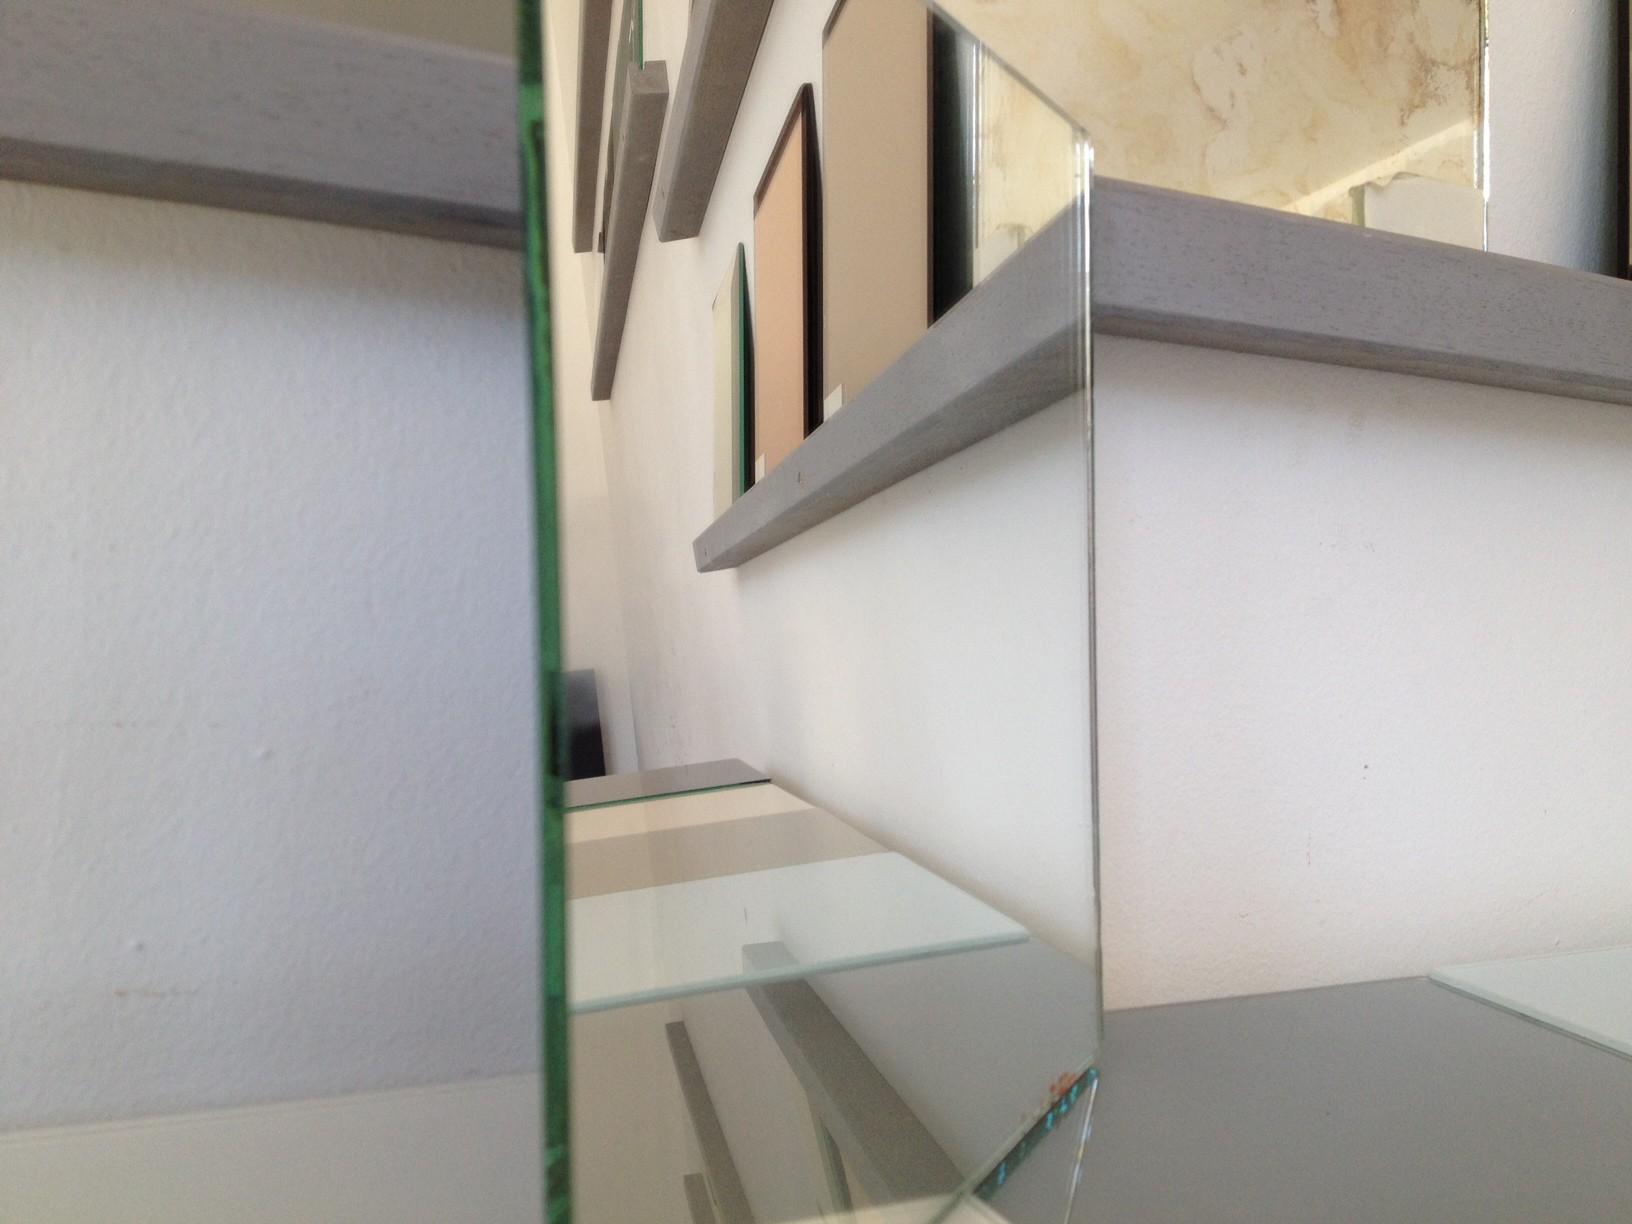 Miroir sur mesure argent avantage d 39 un miroir d coratif for Coupe miroir sur mesure